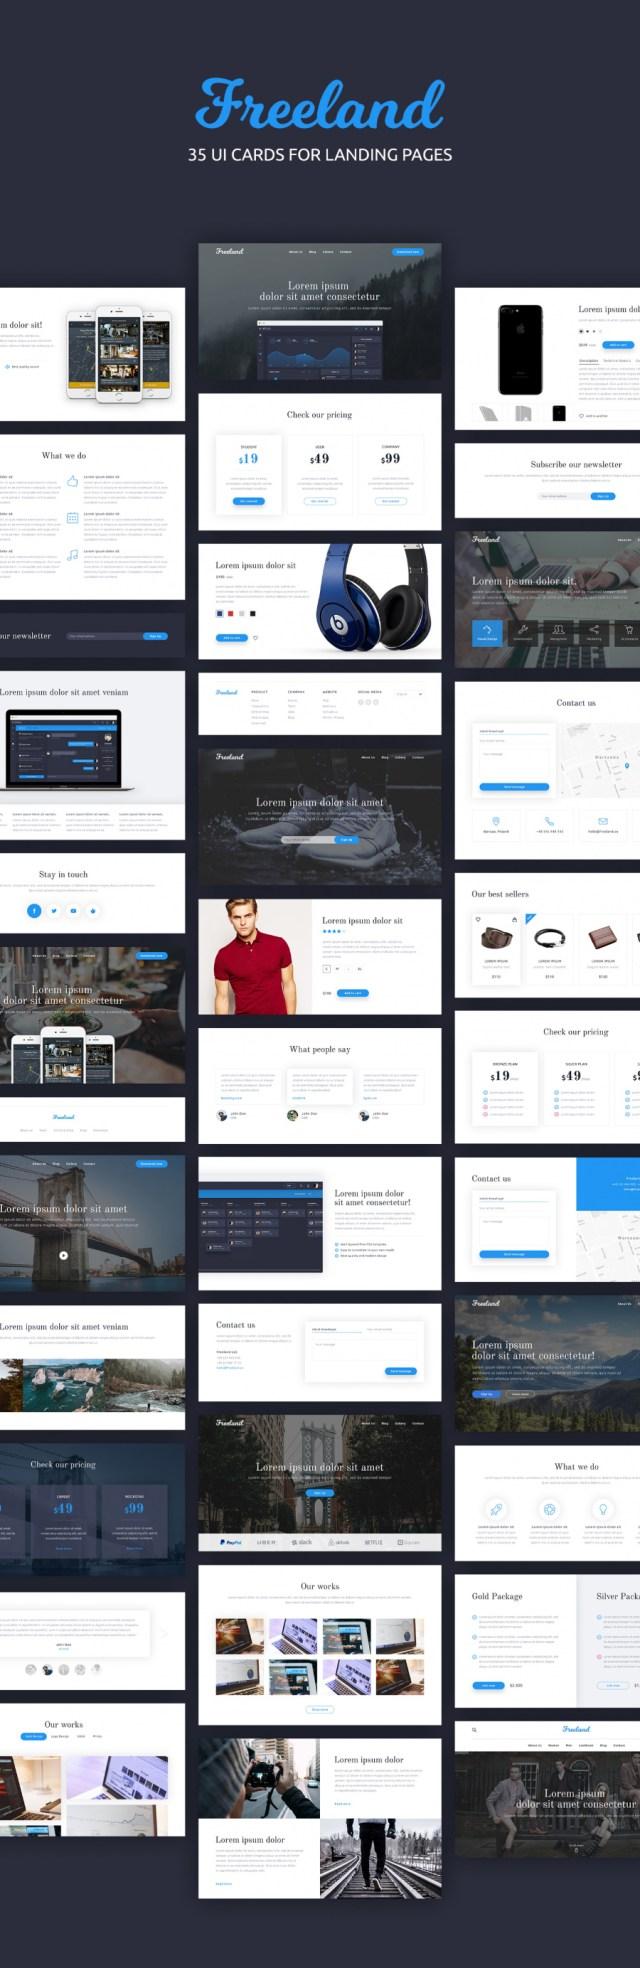 Freeland 35 Landing Pages UI Kit